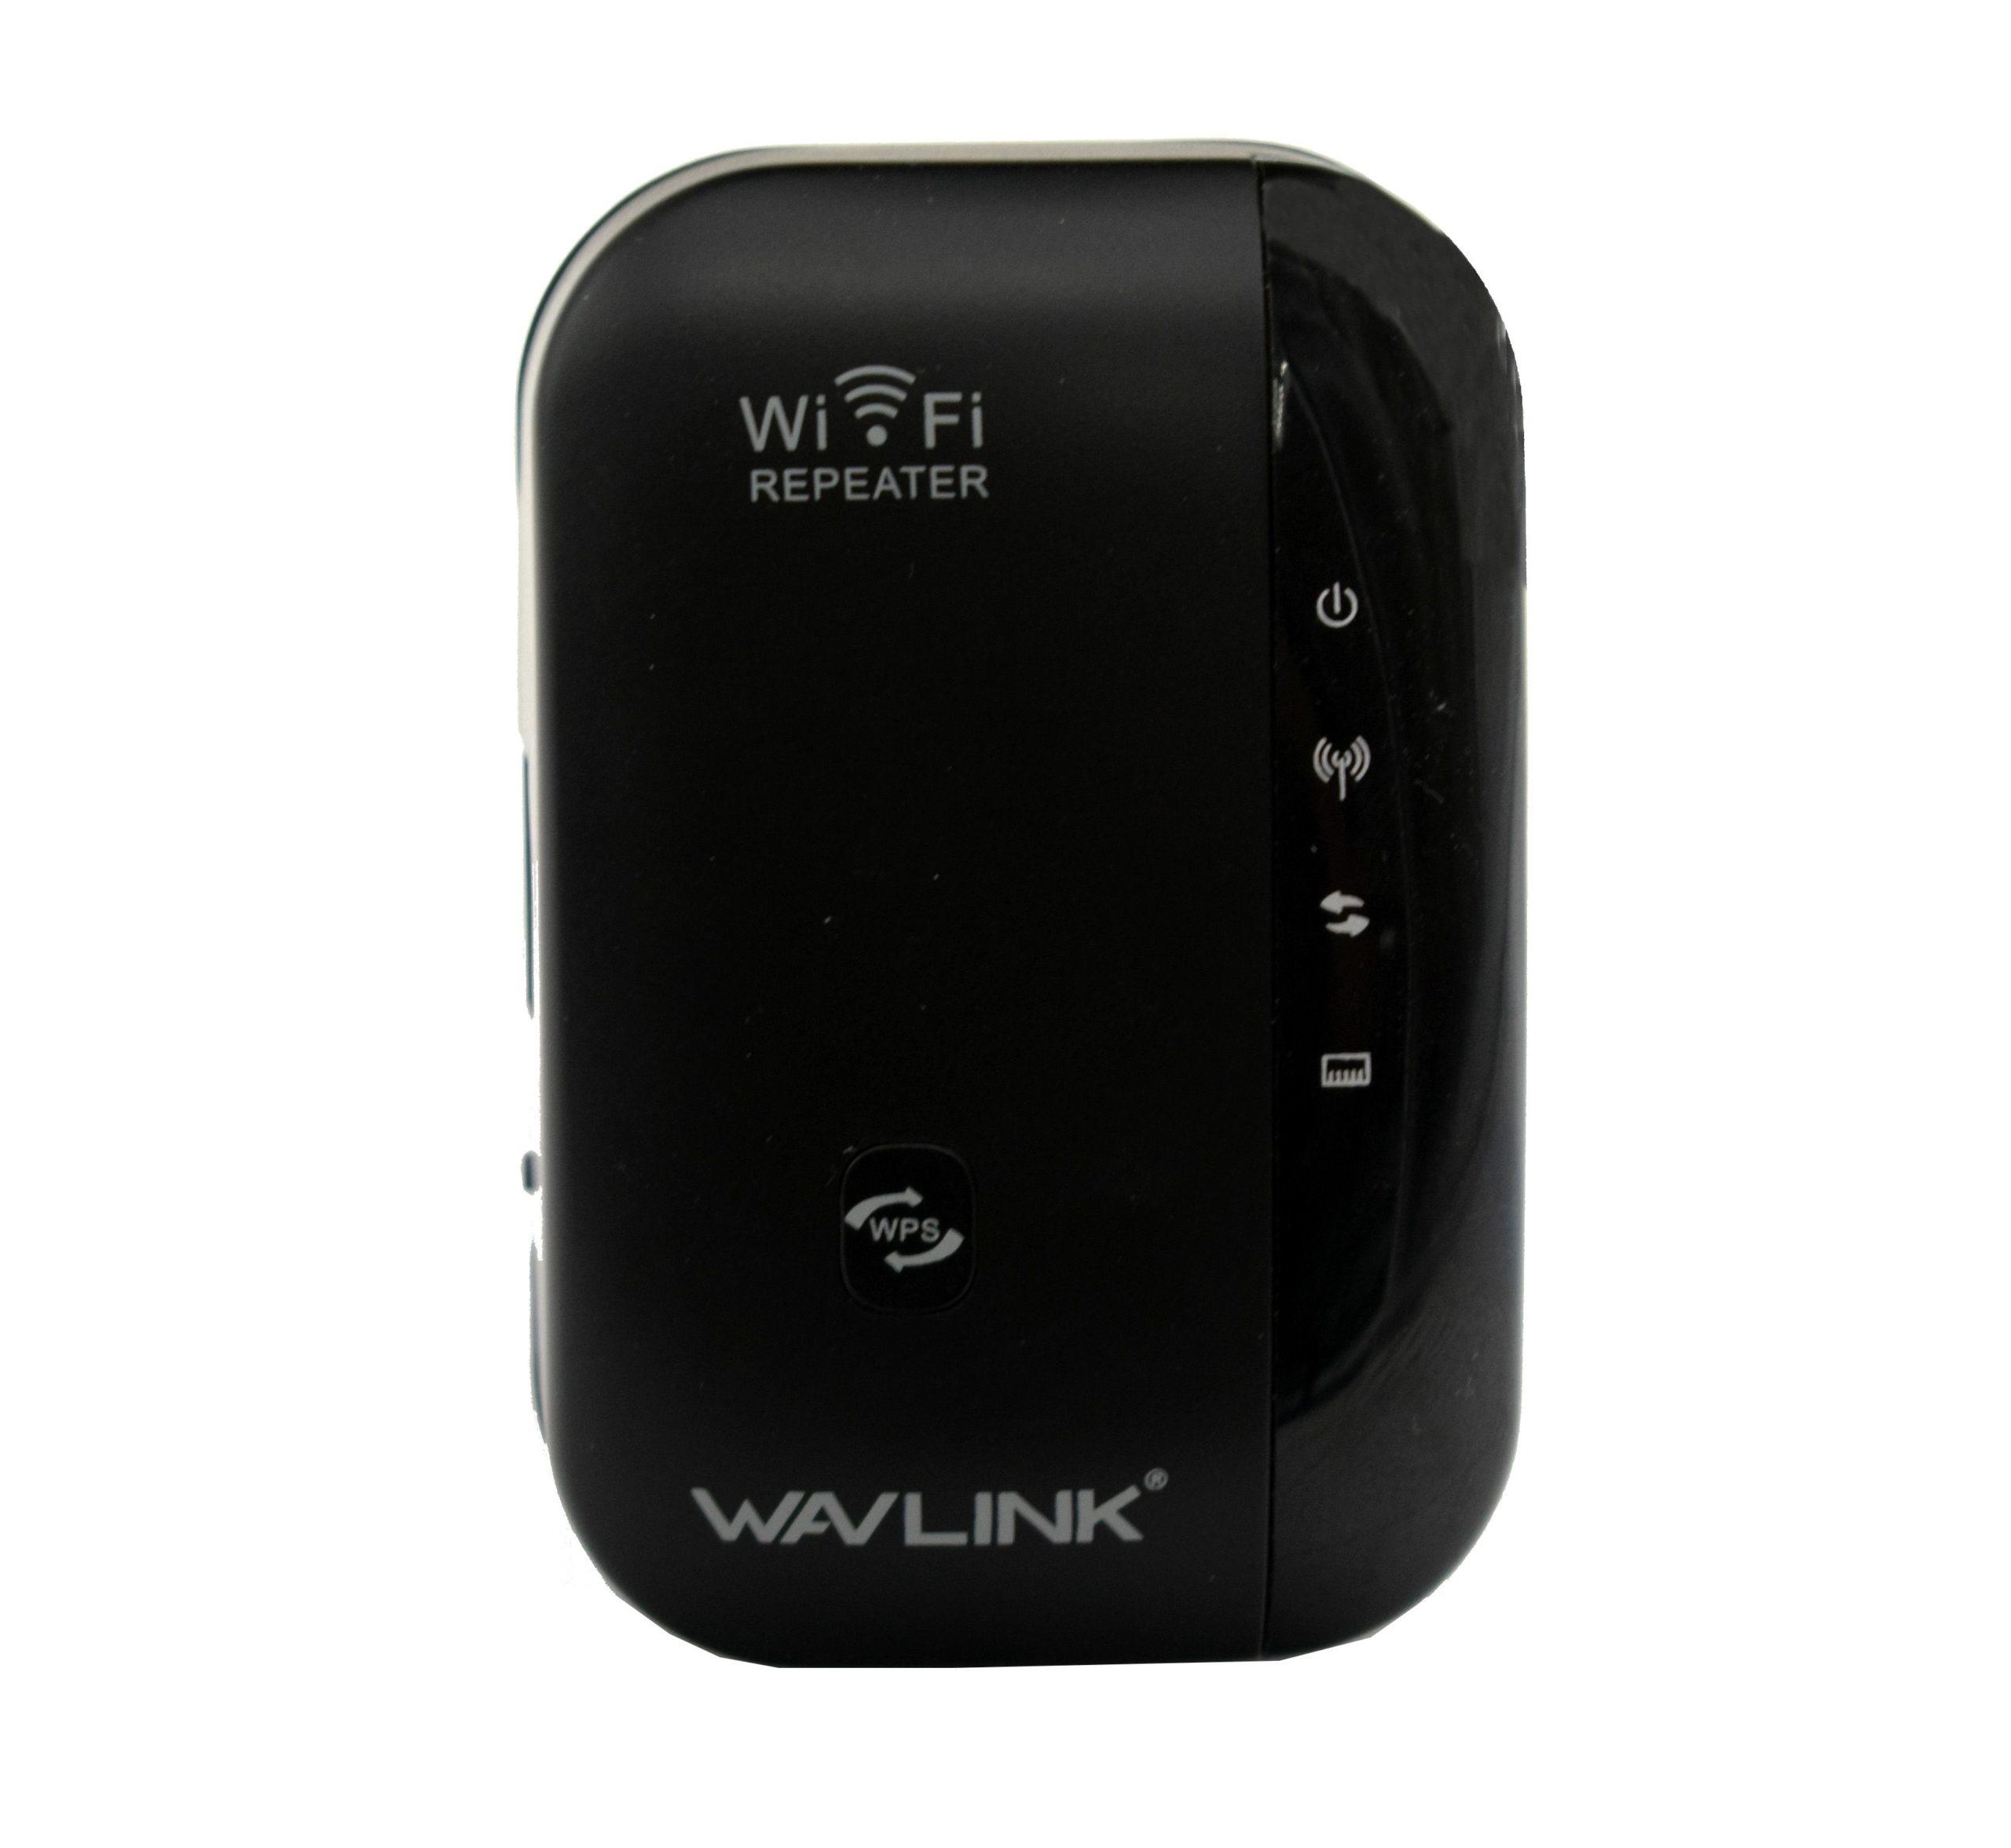 El repetidor wifi WL300 de Fersay se convierte en un éxito de ventas con el teletrabajo